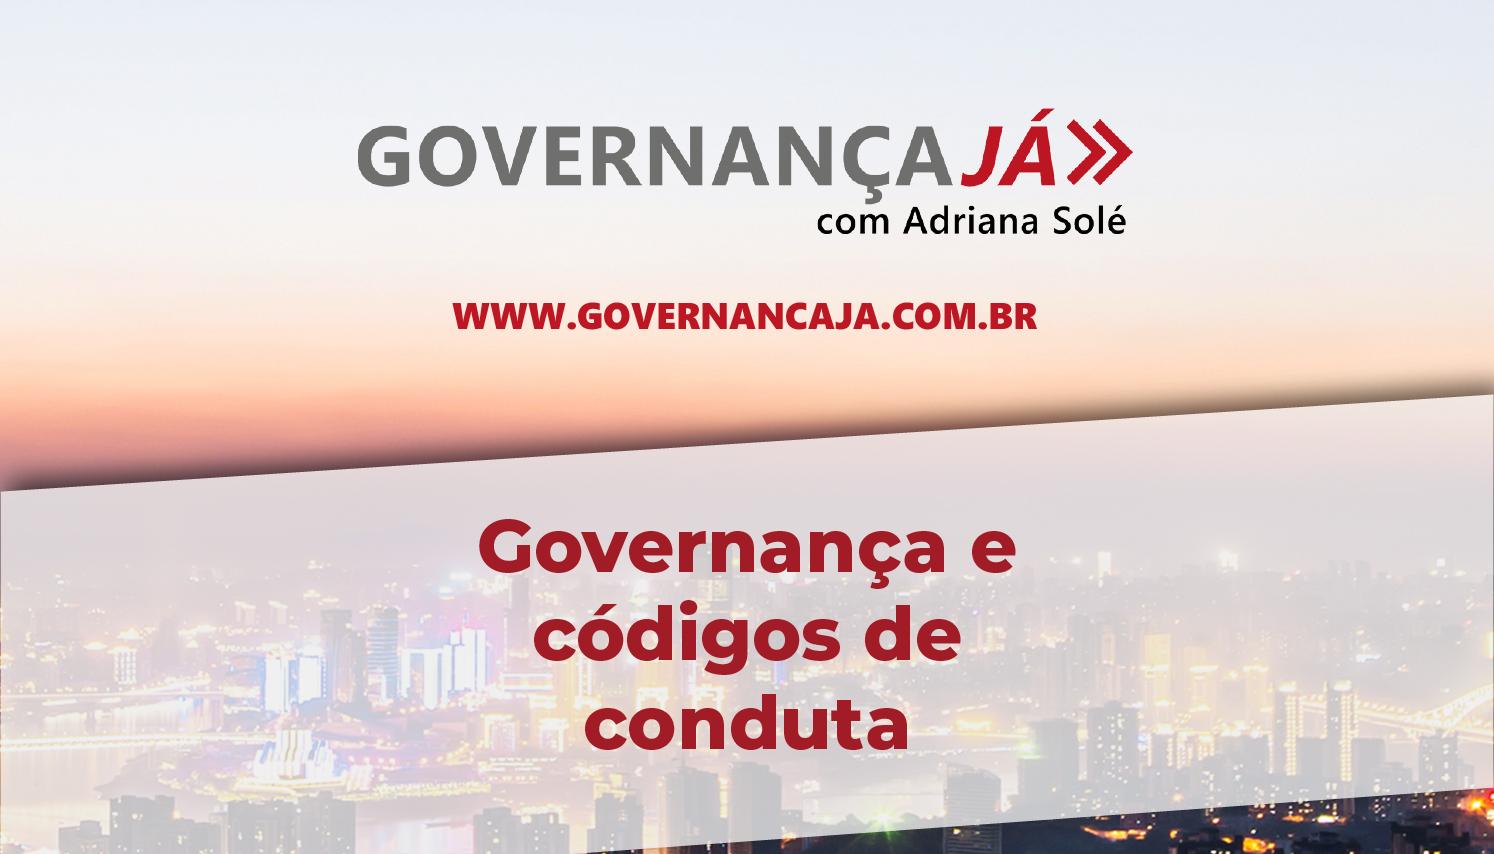 Governança e códigos de conduta